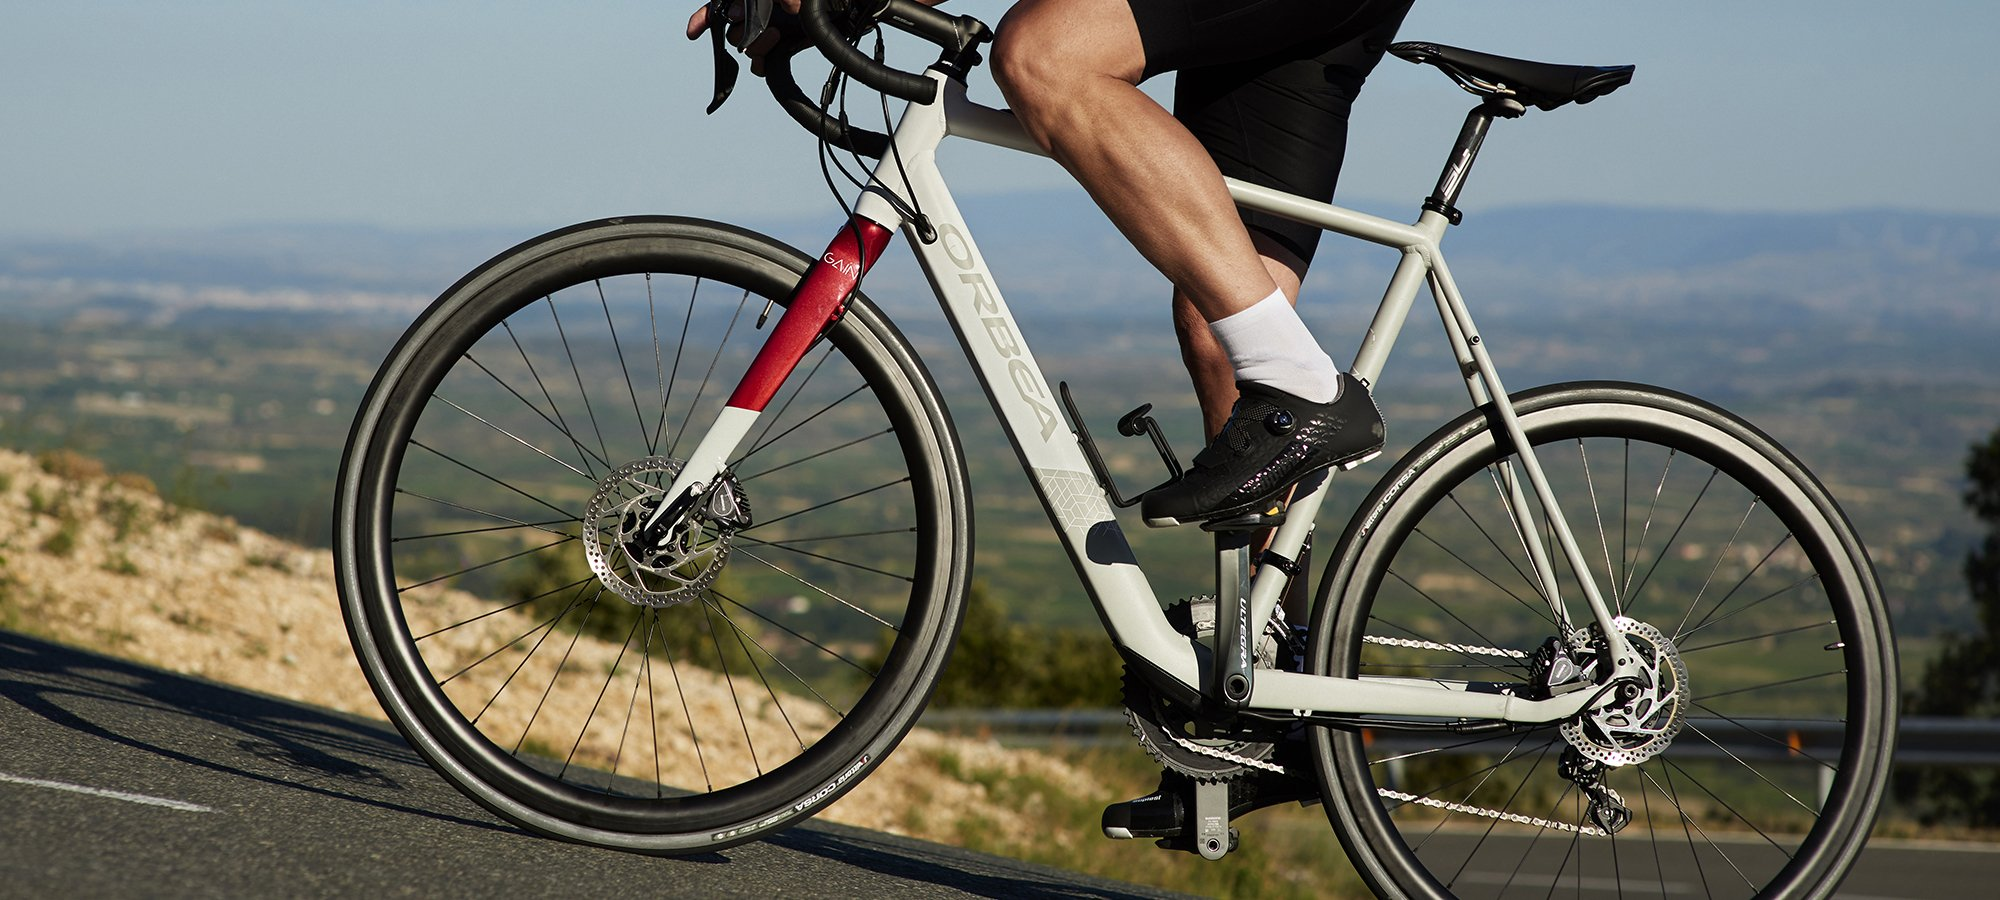 RightBike - Orbea Gain Bikes